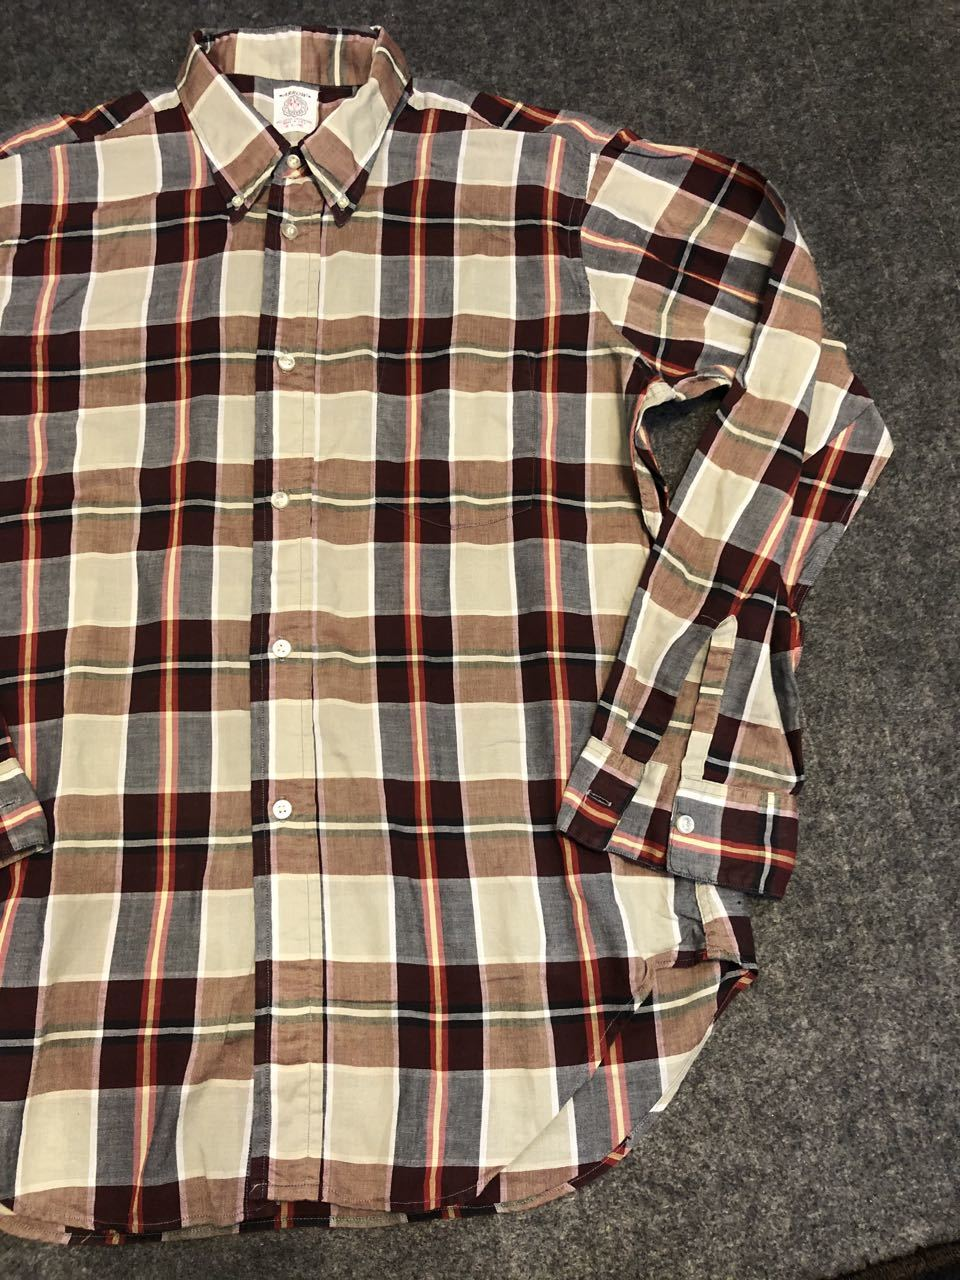 アメリカ仕入れ情報#31 3/14入荷!60s all cotton ARROW  B.D shirts!_c0144020_14201736.jpg